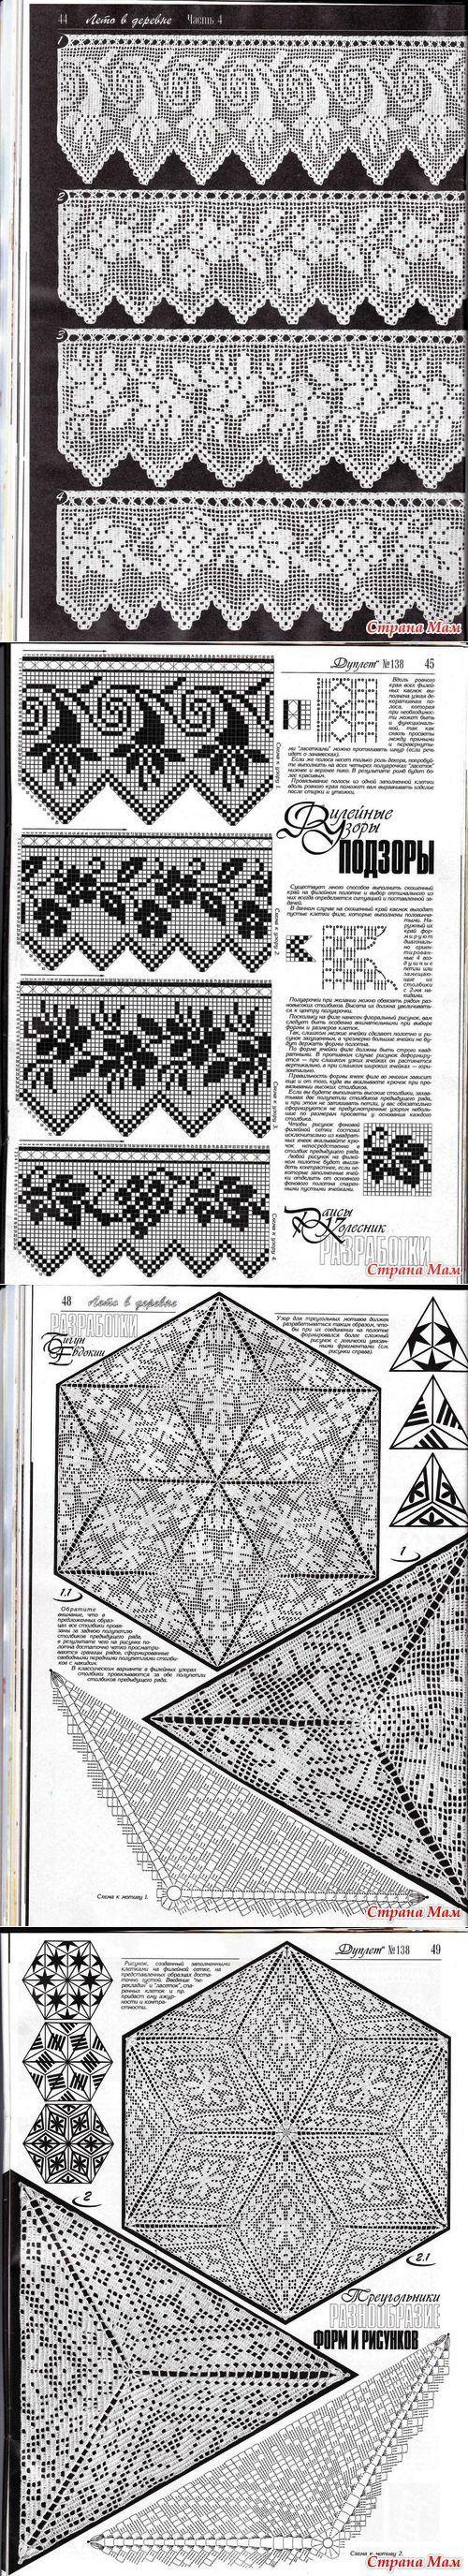 Коллекция узоров: кайма и треугольники   САМОБРАНОЧКА - сайт для рукодельниц, мастериц   Кайма спицами.   Постила